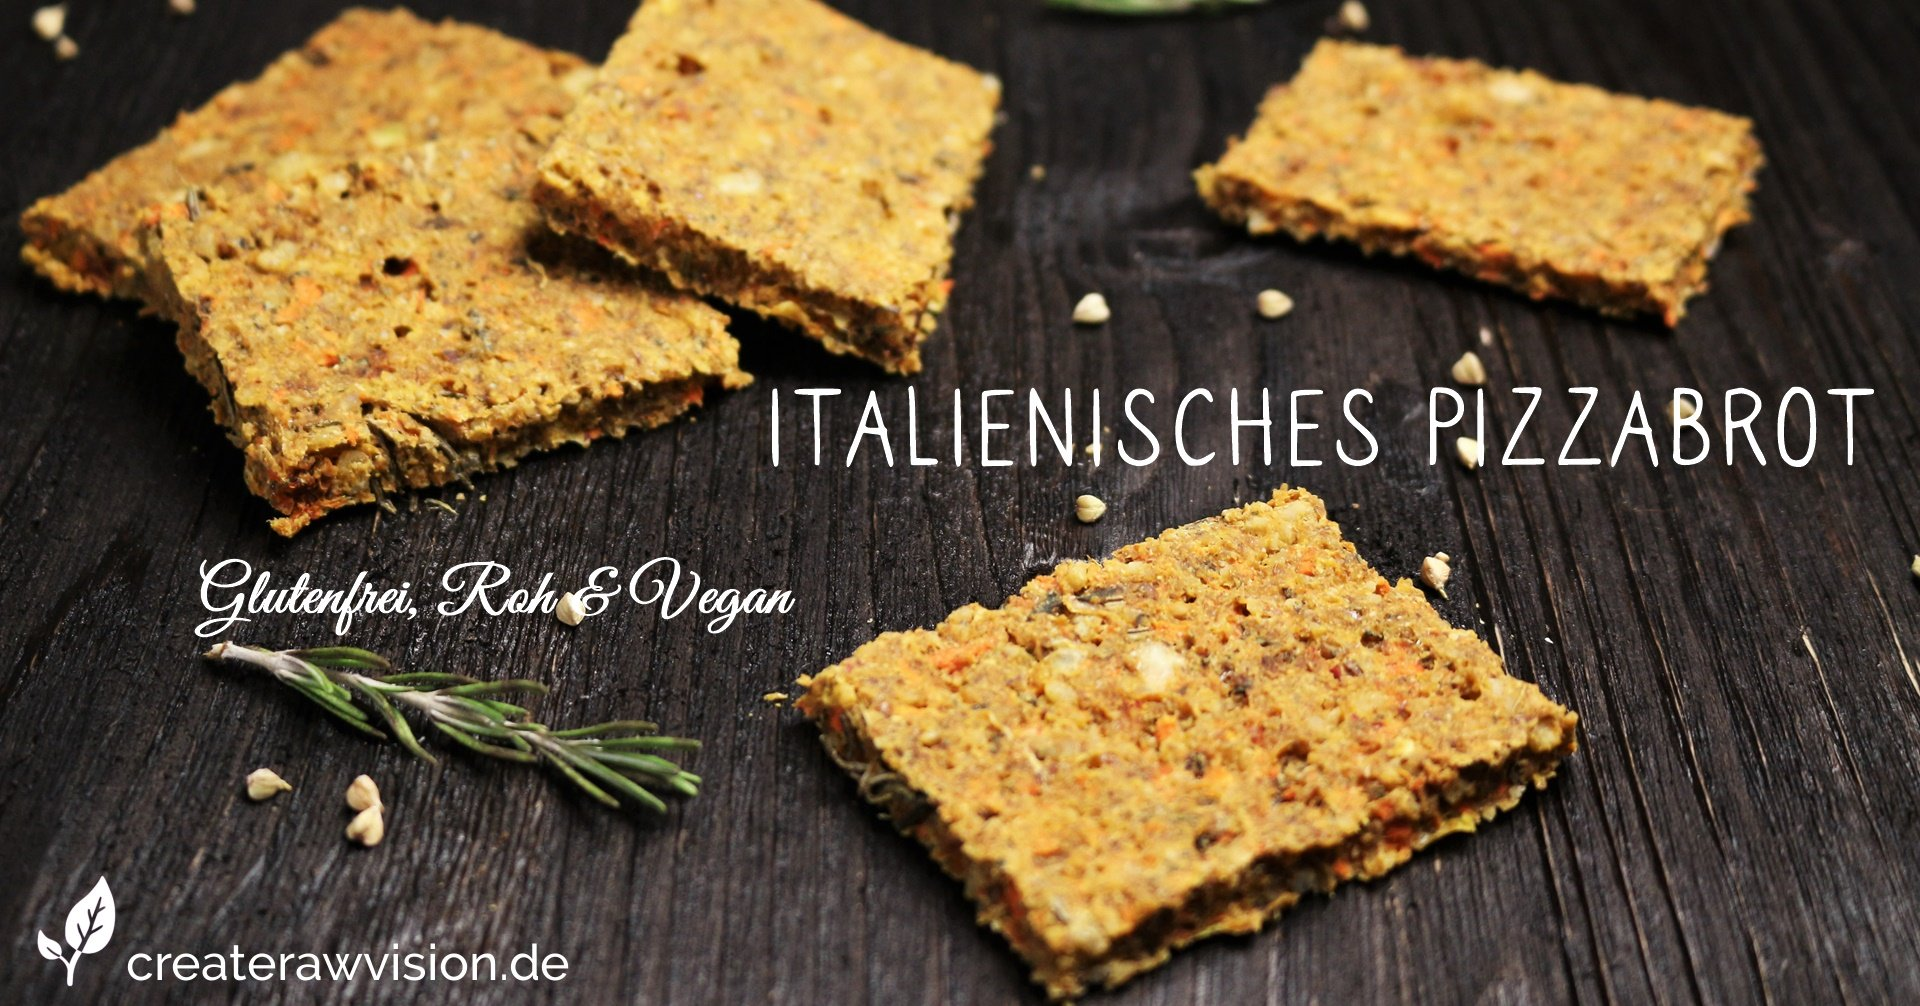 Italienisches Pizza Rohkostbrot - Glutenfrei & Vegan